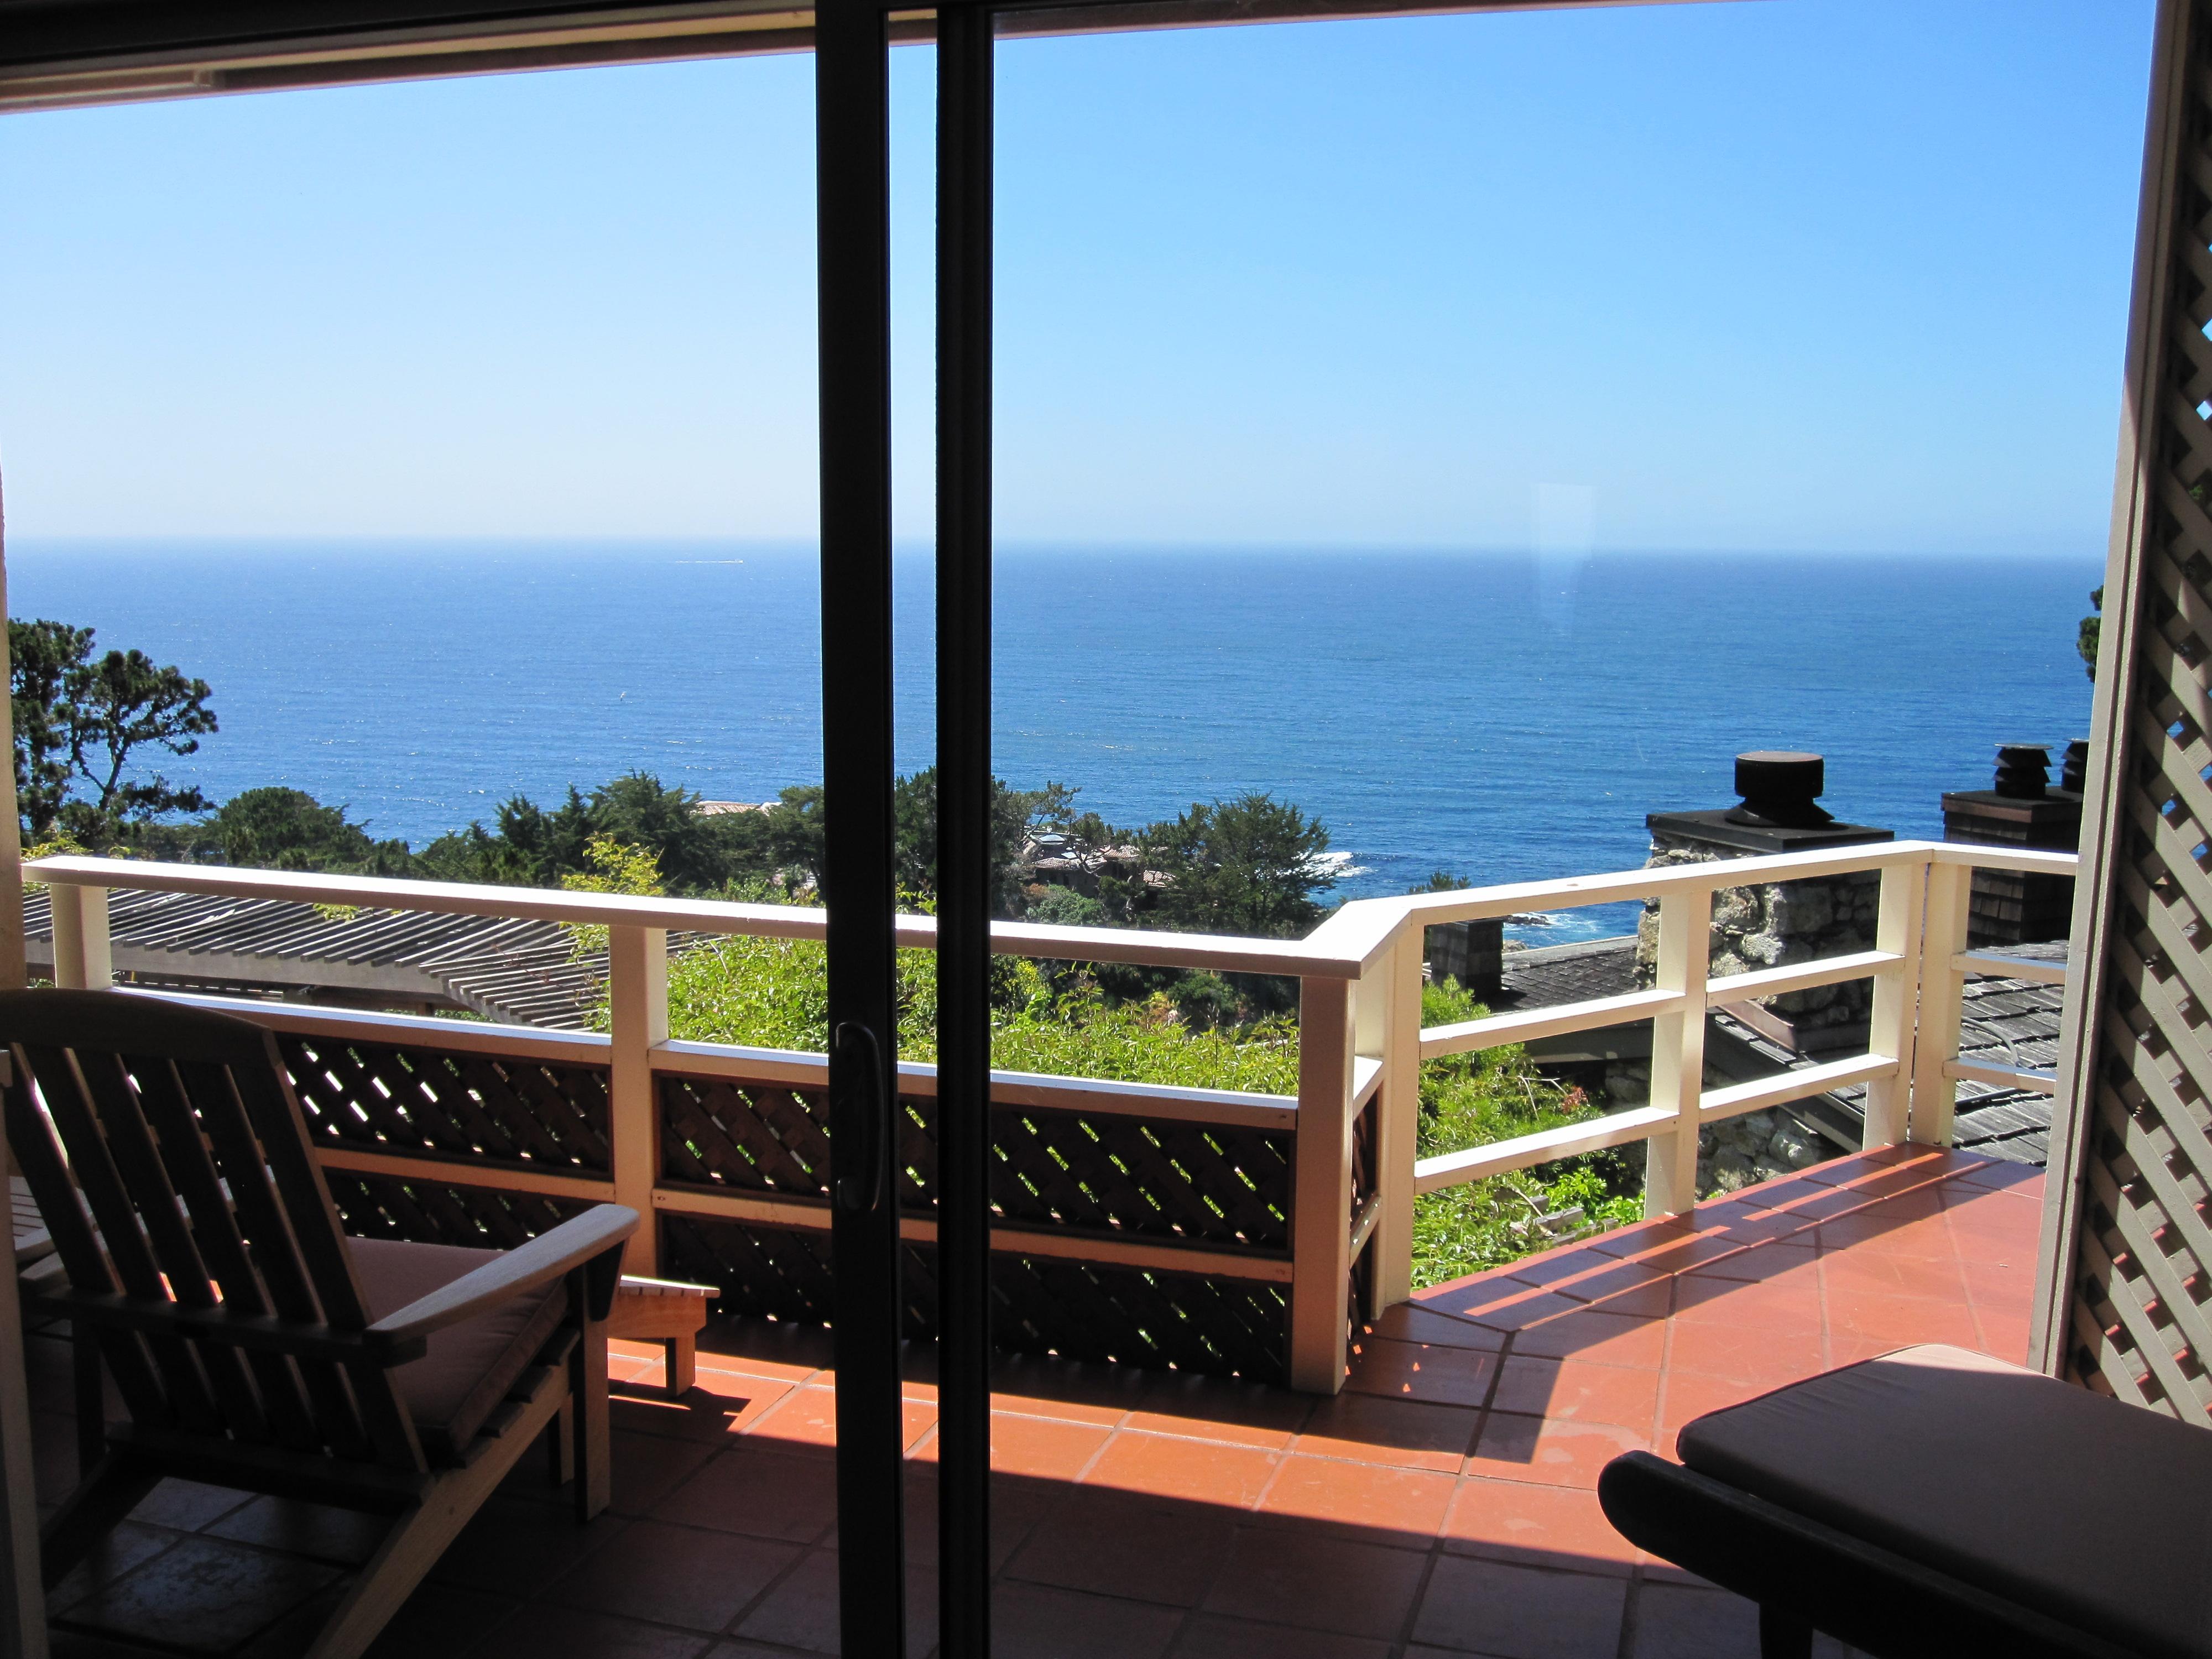 Balcony, Tickle Pink Inn, Carmel-By-The-Sea, CA